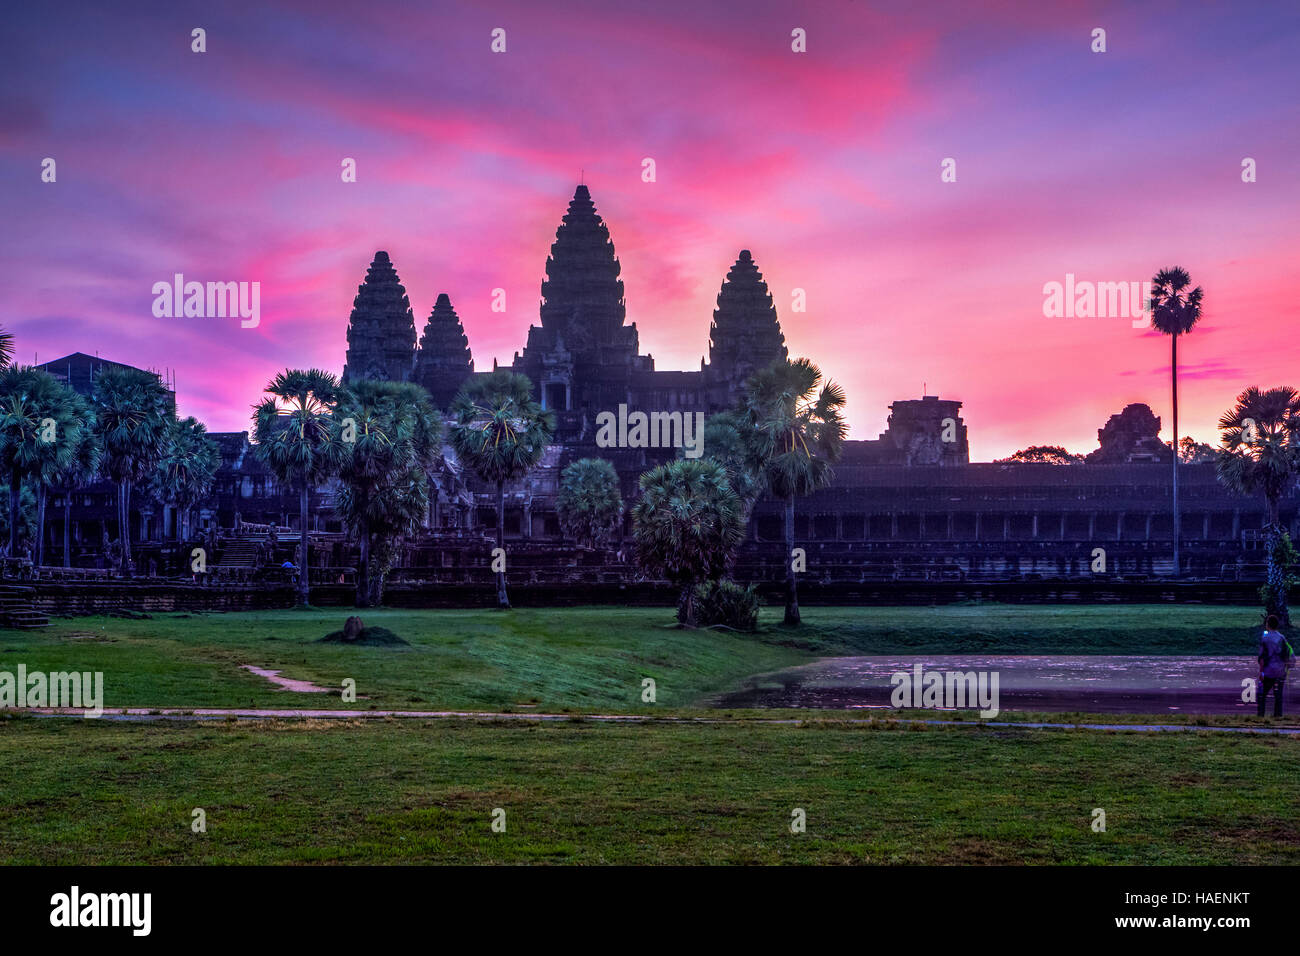 Lever de soleil coloré et dynamique à Angkor Wat, Royaume du Cambodge. Photo Stock